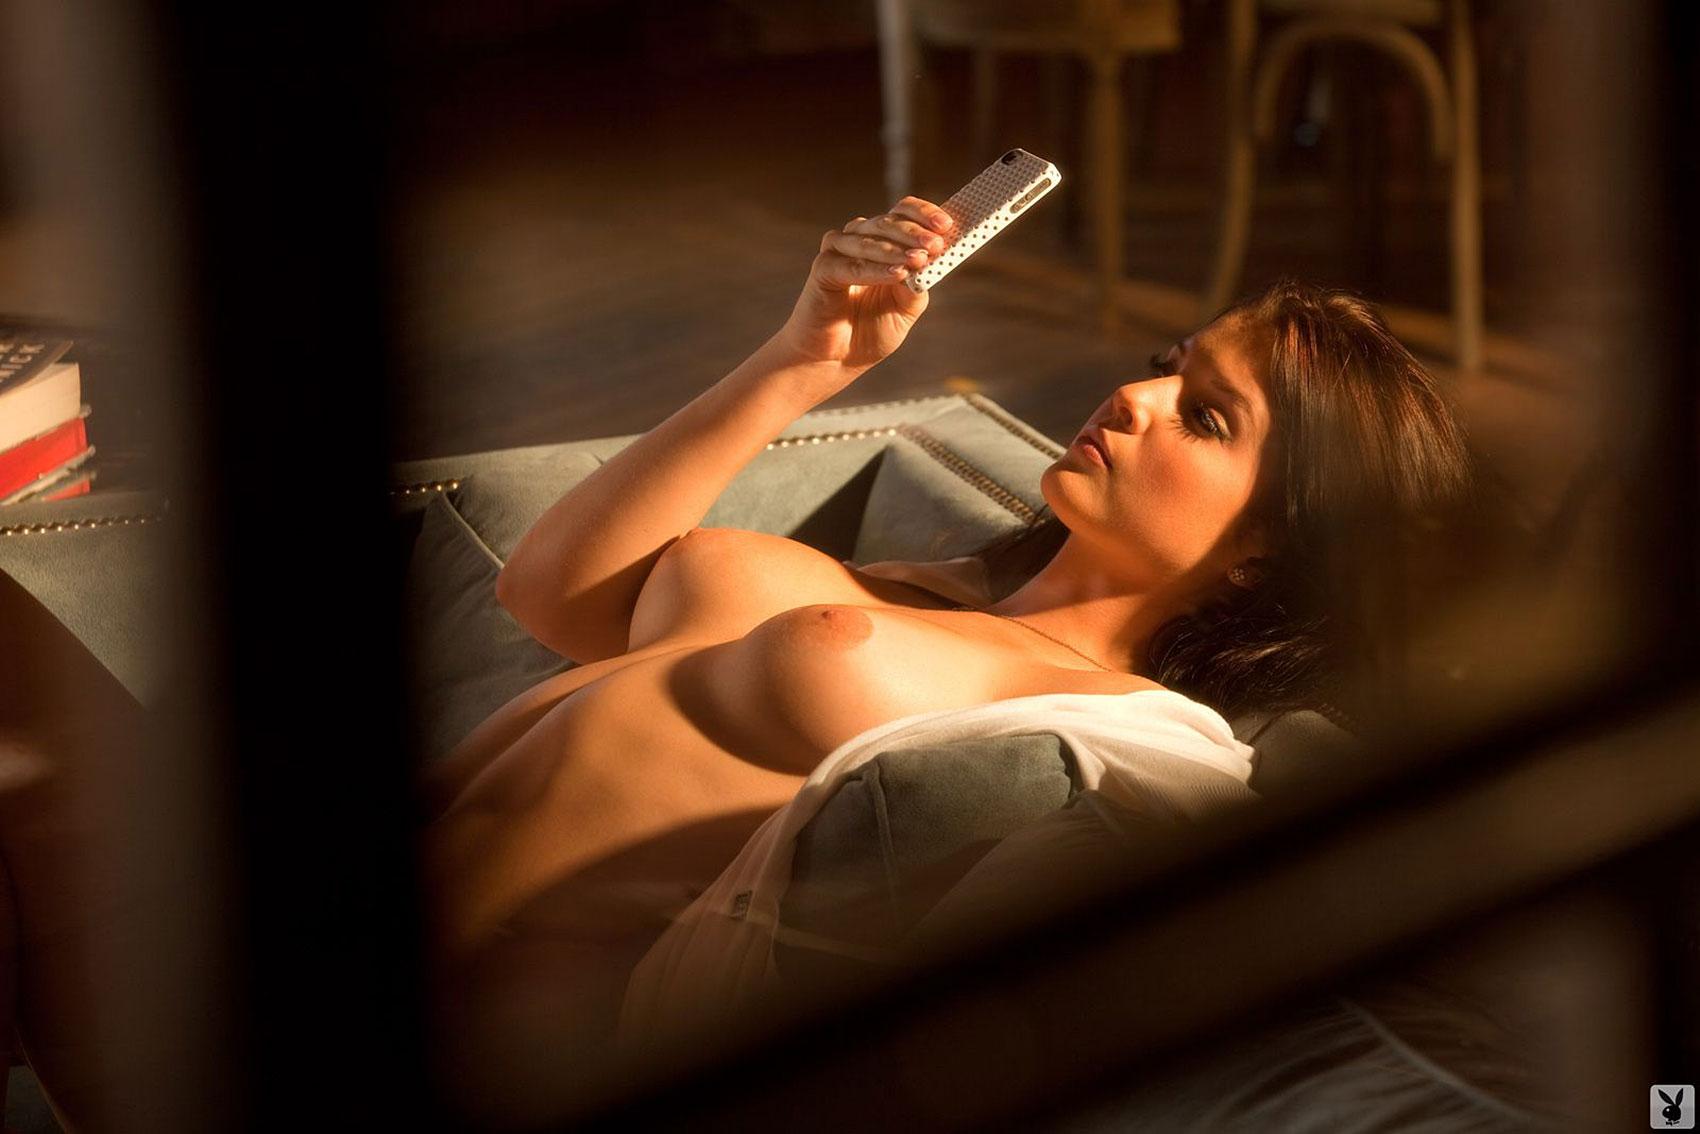 Amanda Cerny Video Porno amanda cerny nude pussy & ass - scandal planet